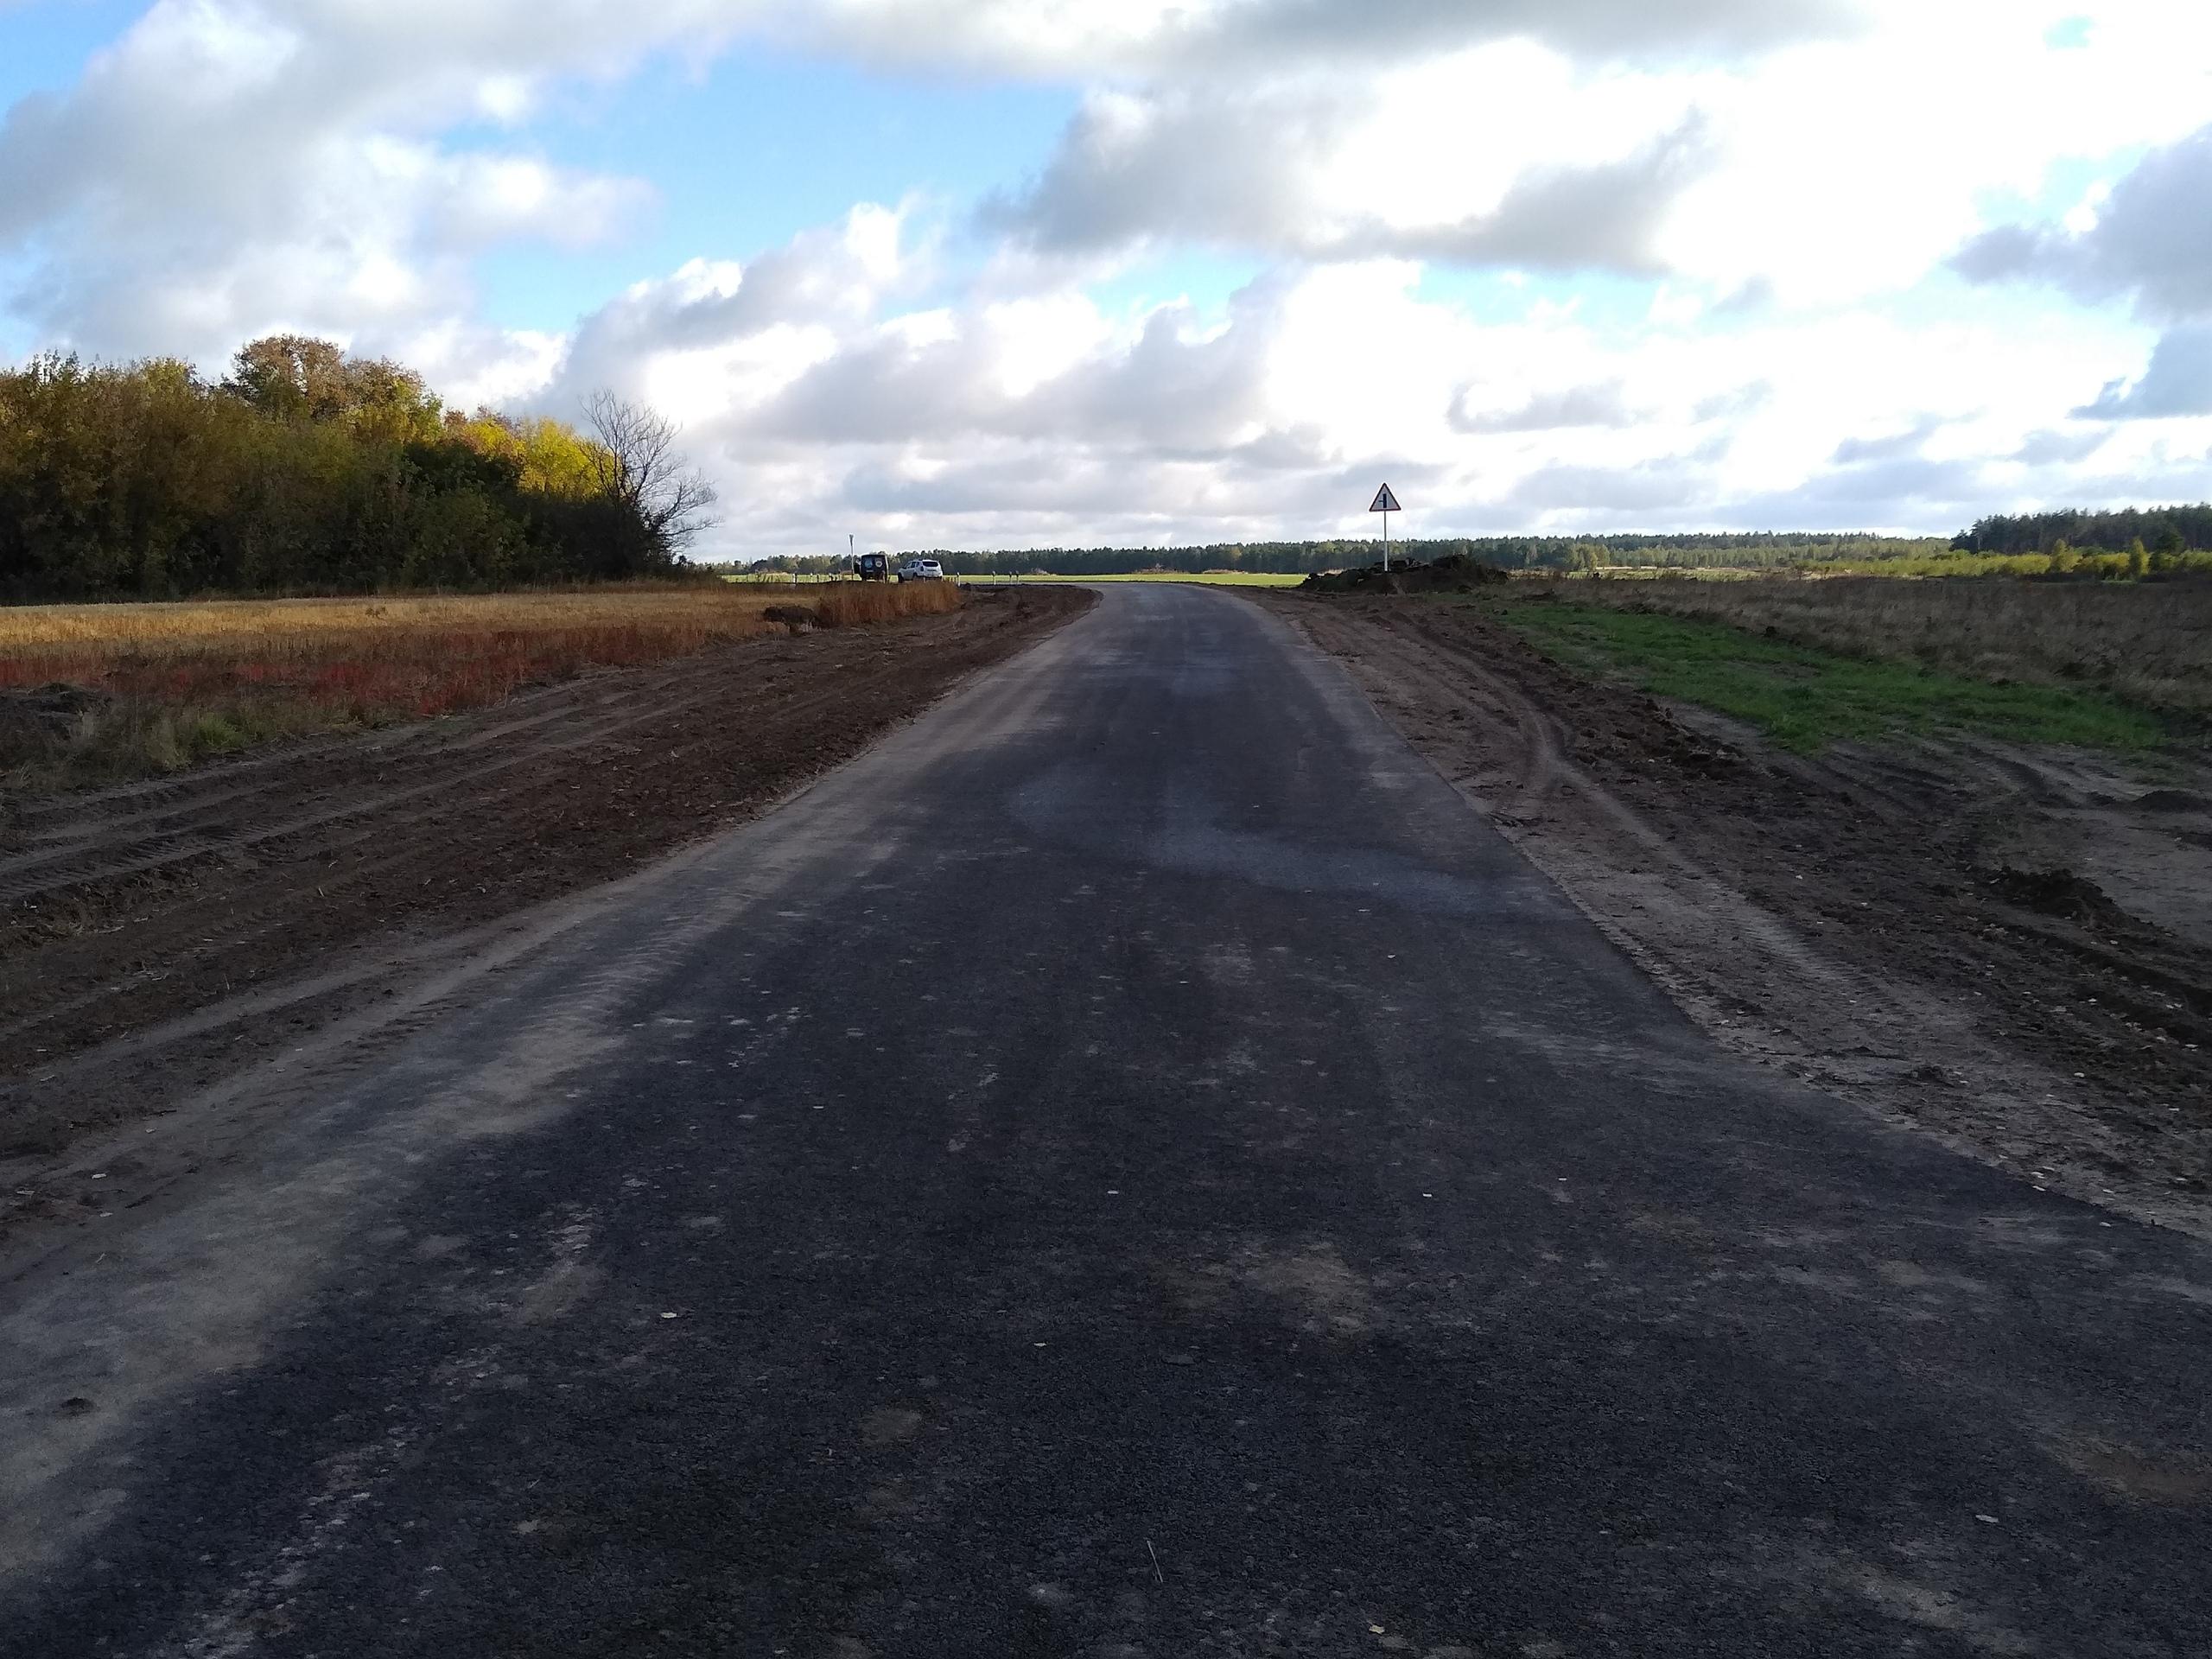 Глава Курской области предложил перераспределять деньги, неосвоенные по дорожному проекту